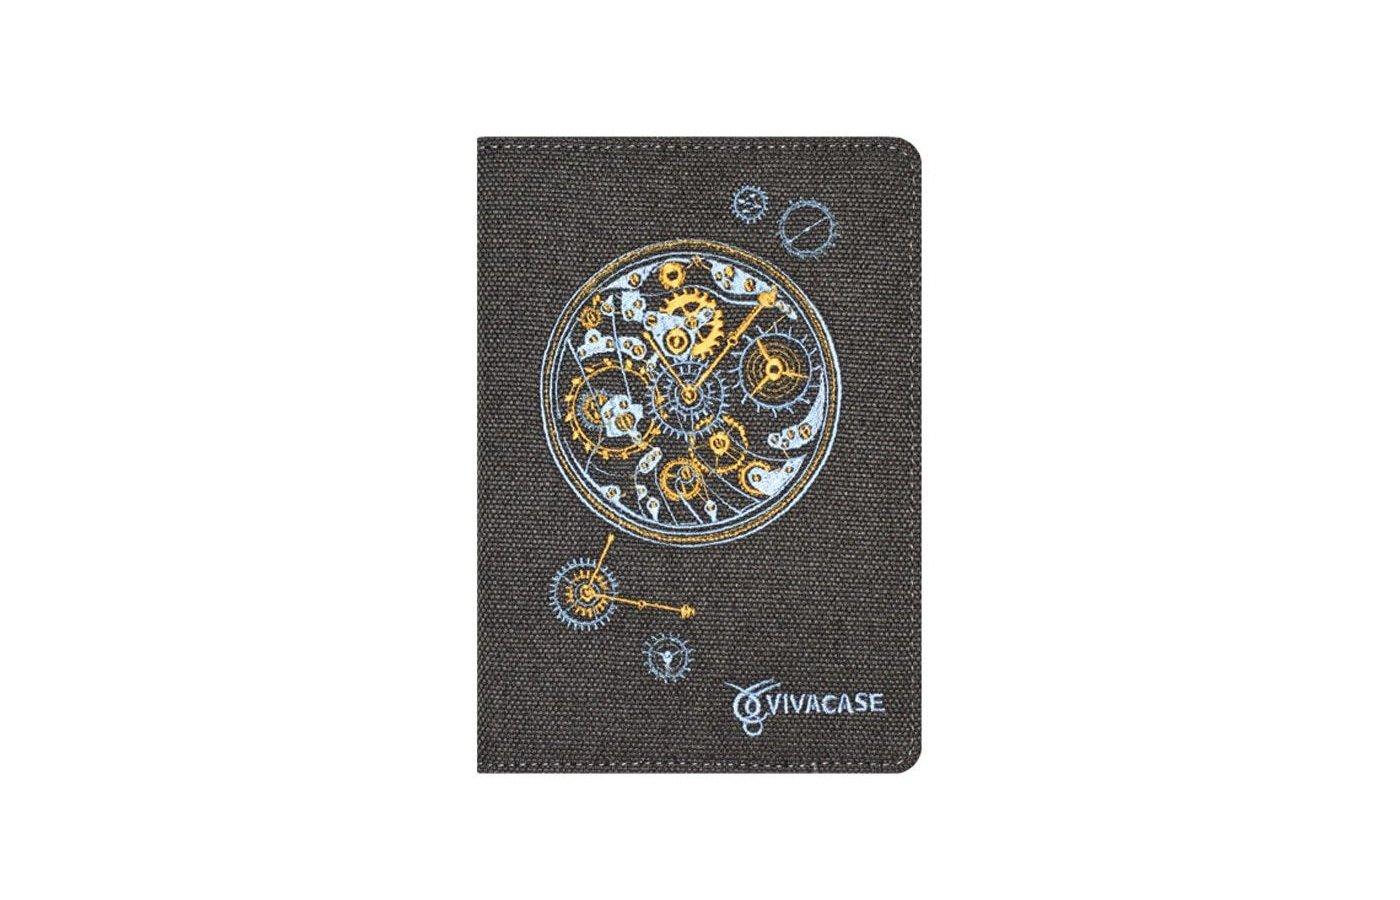 Чехол VIVACASE Сlockwork 6 дюймов черный (VUC-CCW06-bl)